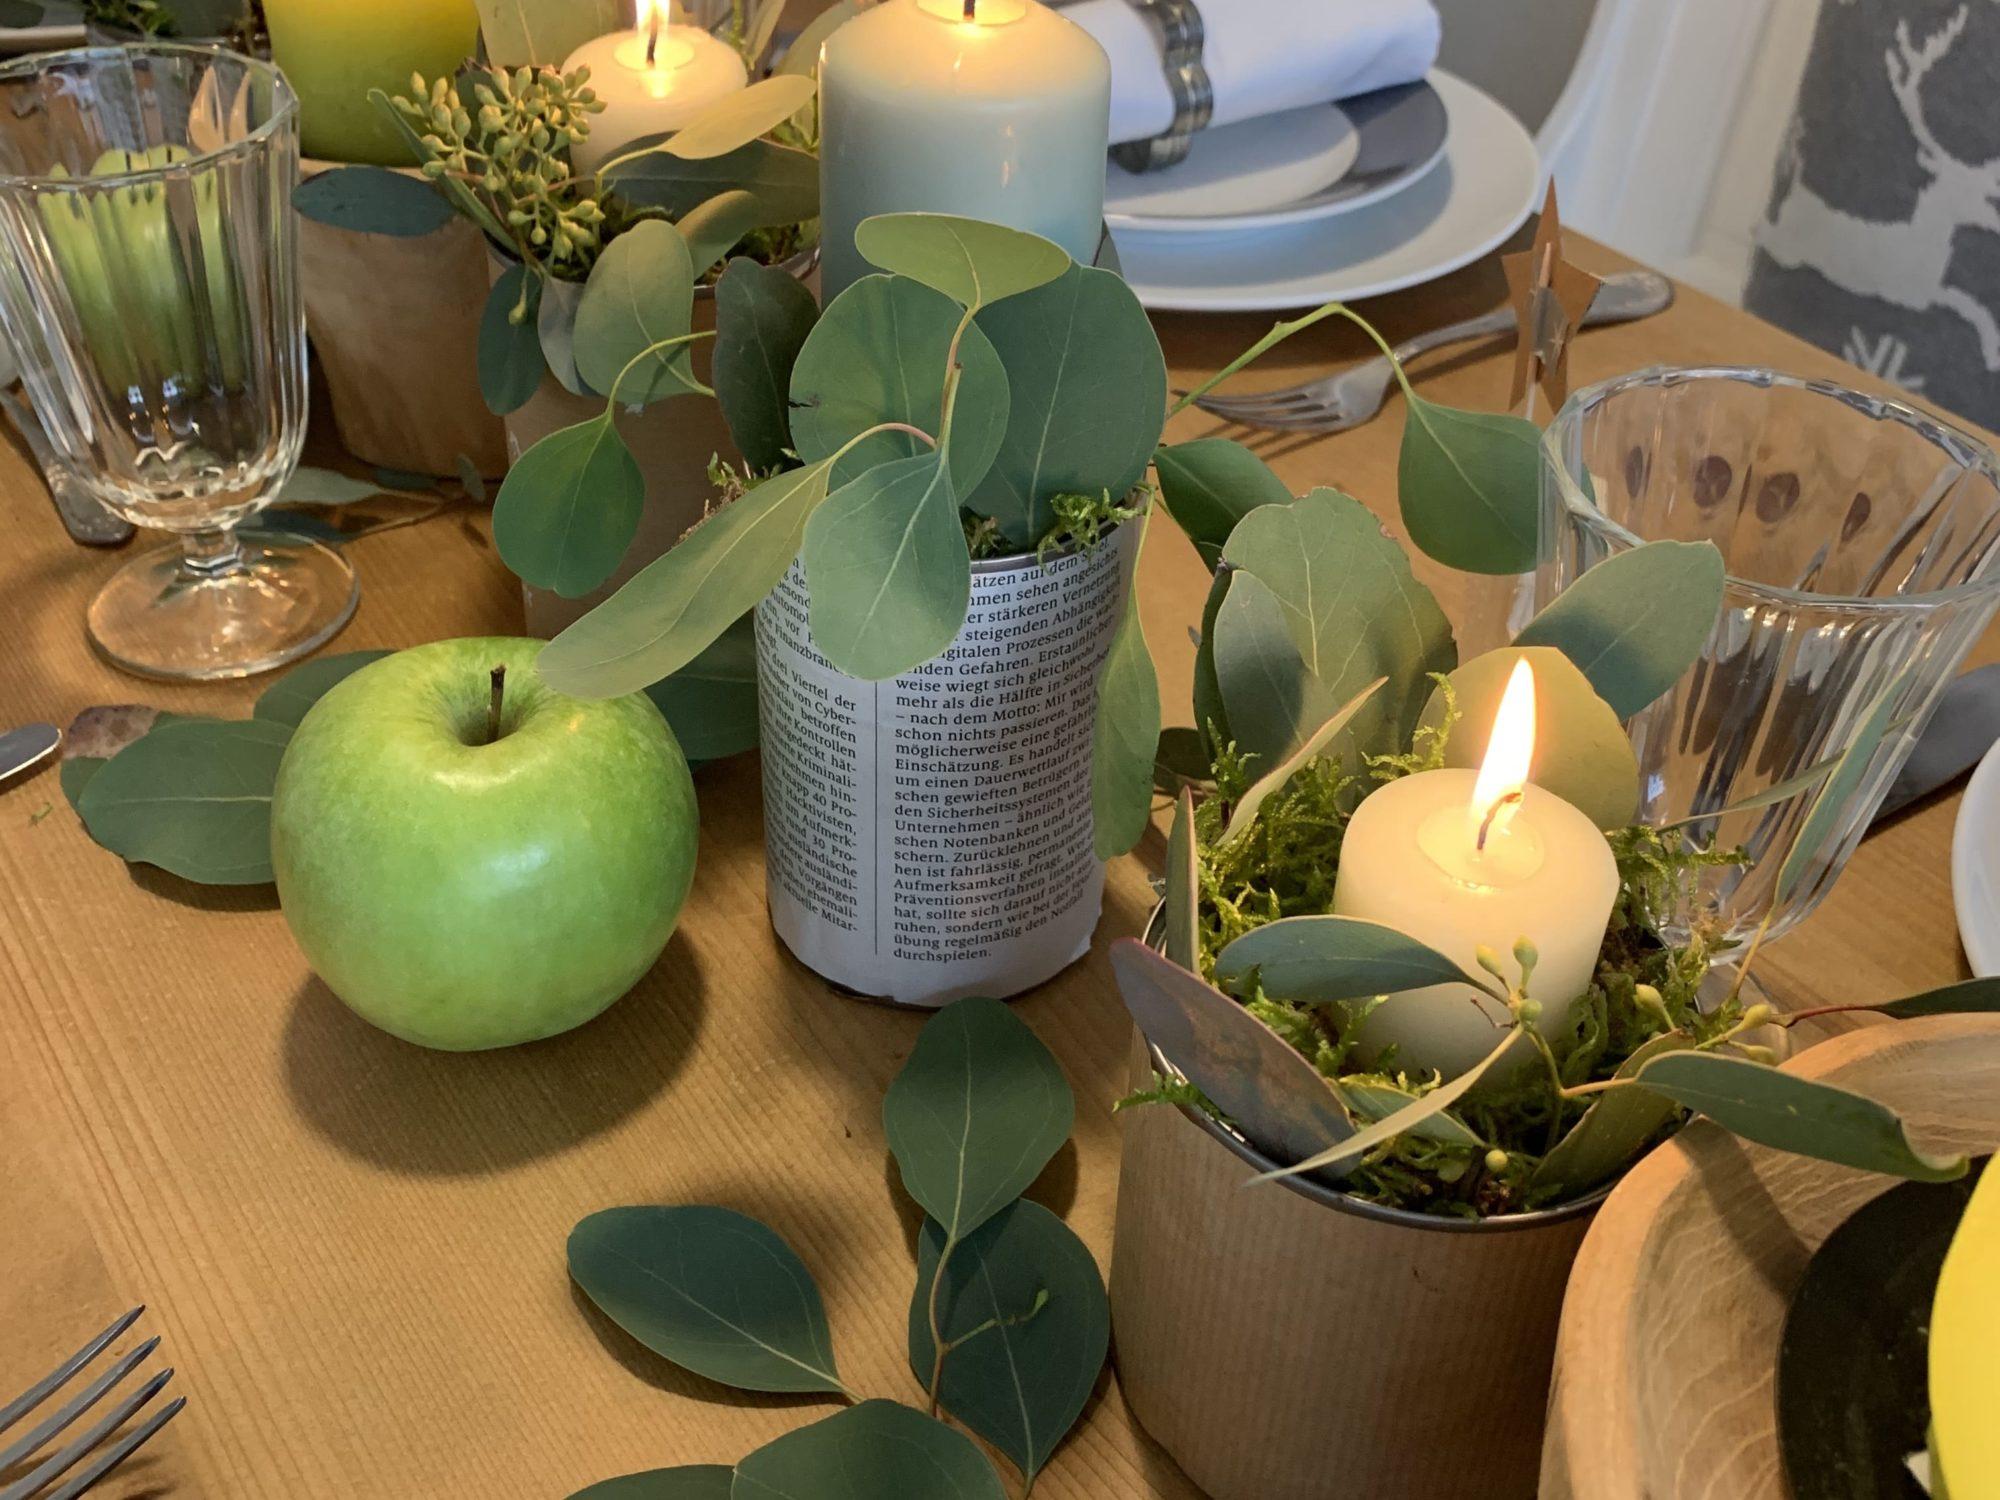 Tischdeko an Weihnachten mit einfachen DIYs. Weihnachtstisch mit Liebe dekorieren. Idee fürTischdekoration an Weihnachten. #Chalet8 #Yeswewood #Tischdeko #Weihnachten